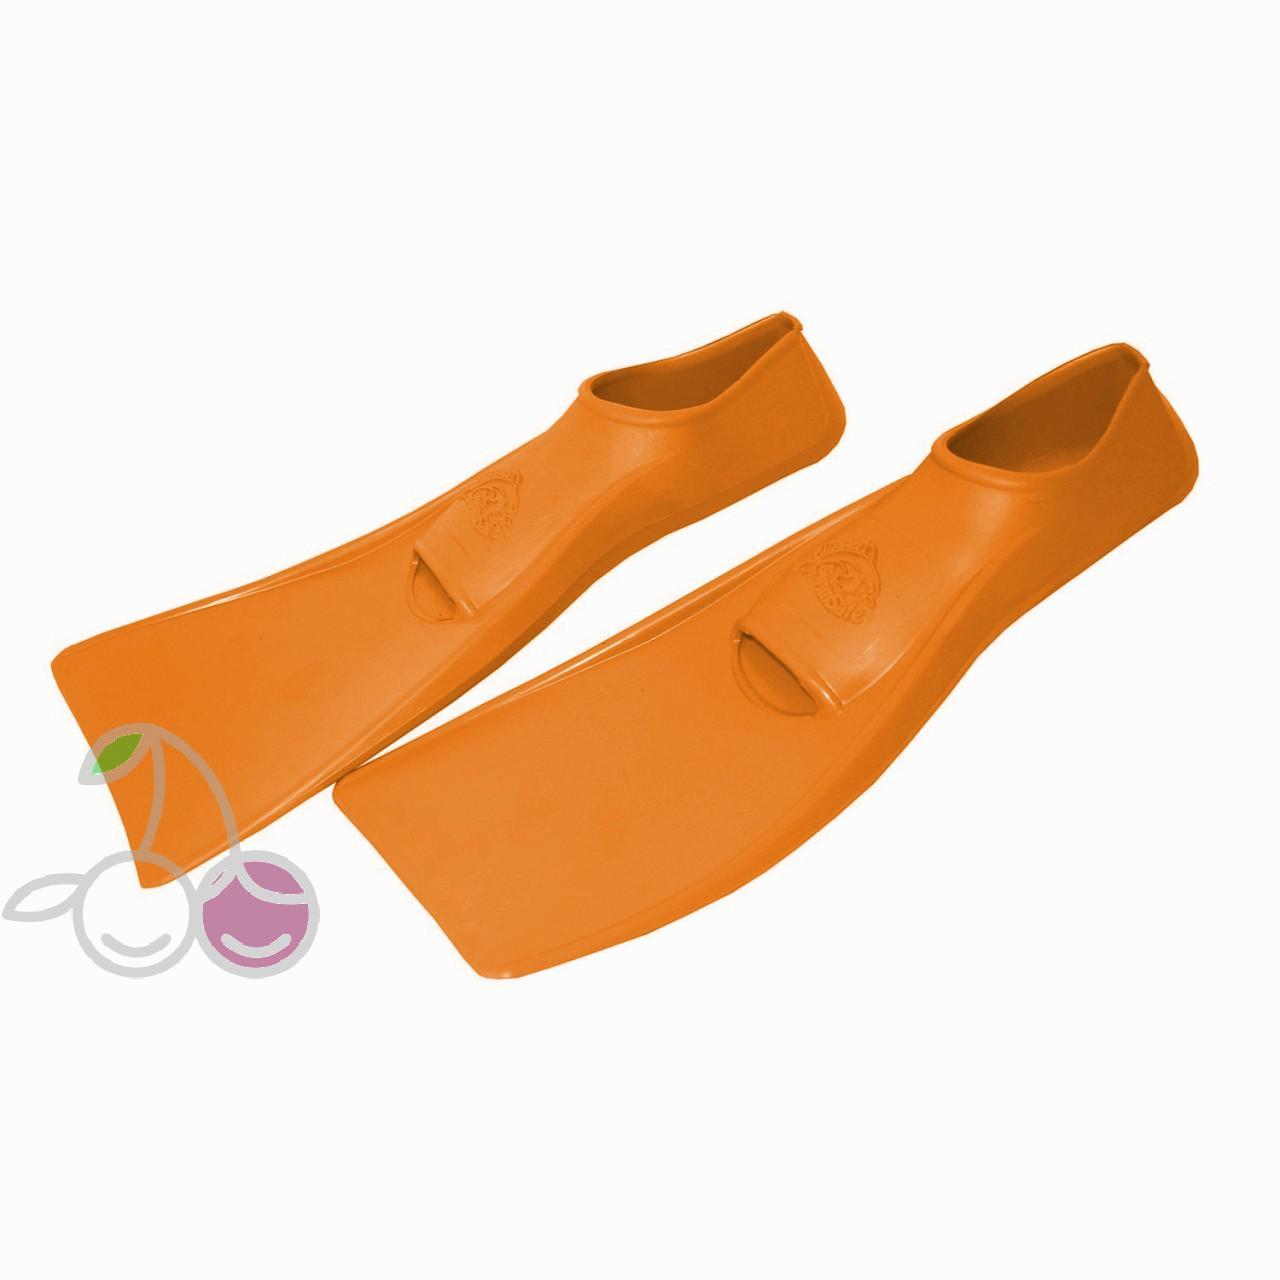 Ласты для бассейна резиновые детские размеры 27-28 оранжевые ПРОПЕРКЭРРИ (ProperCarry), - фото 2